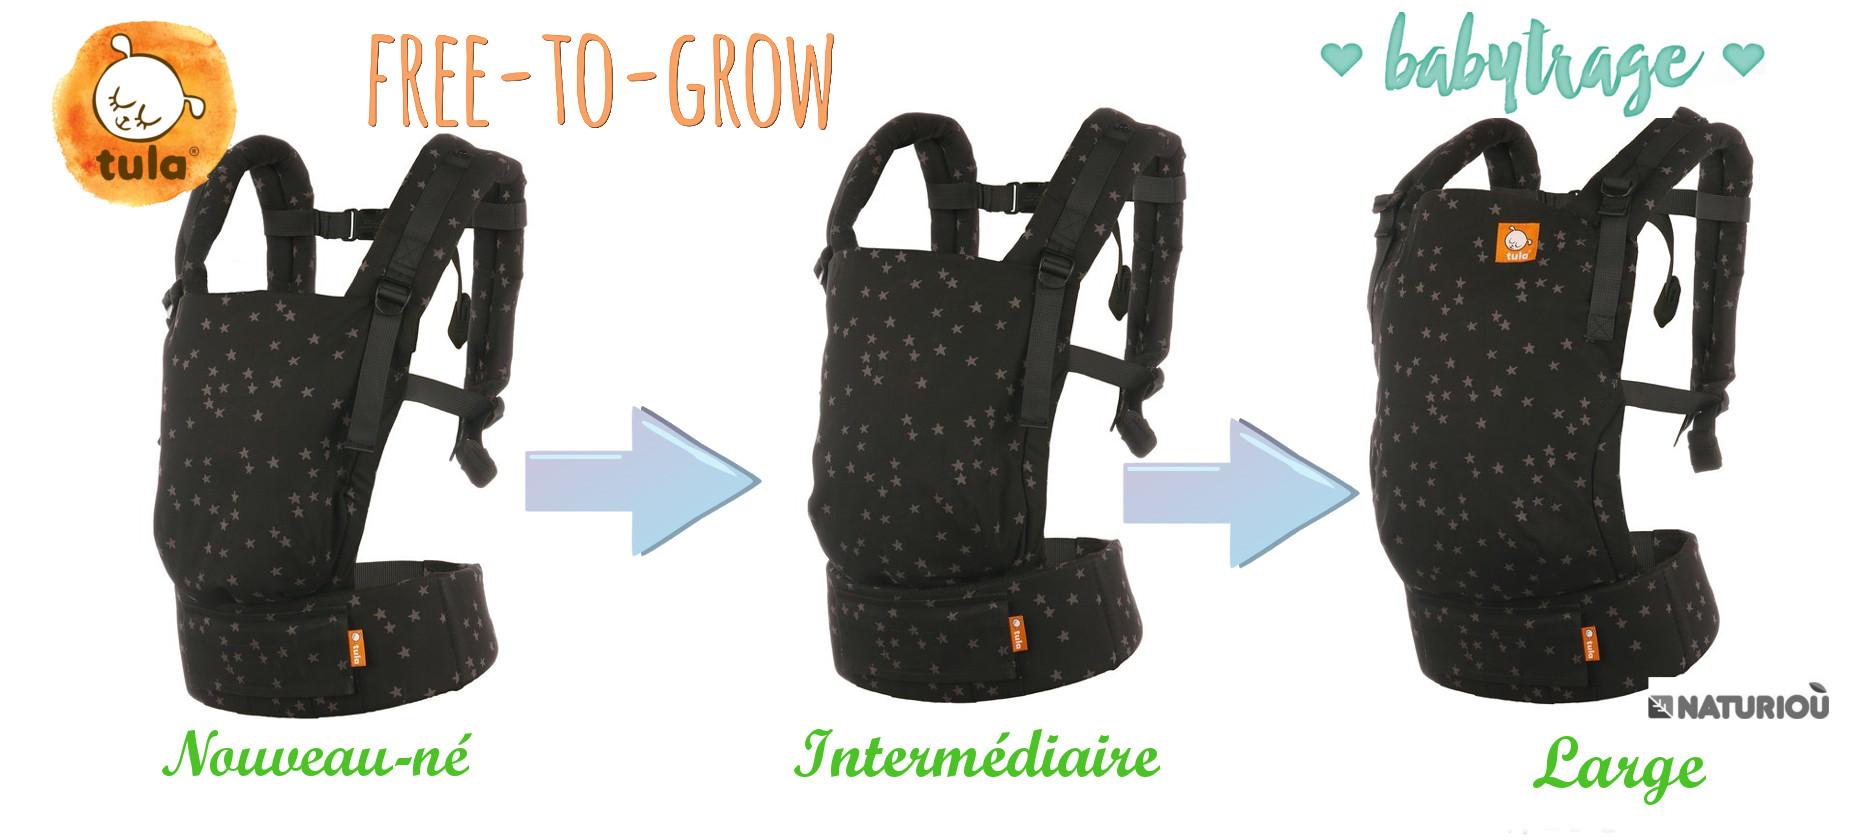 Porte-bébé Tula Free-to-grow discover